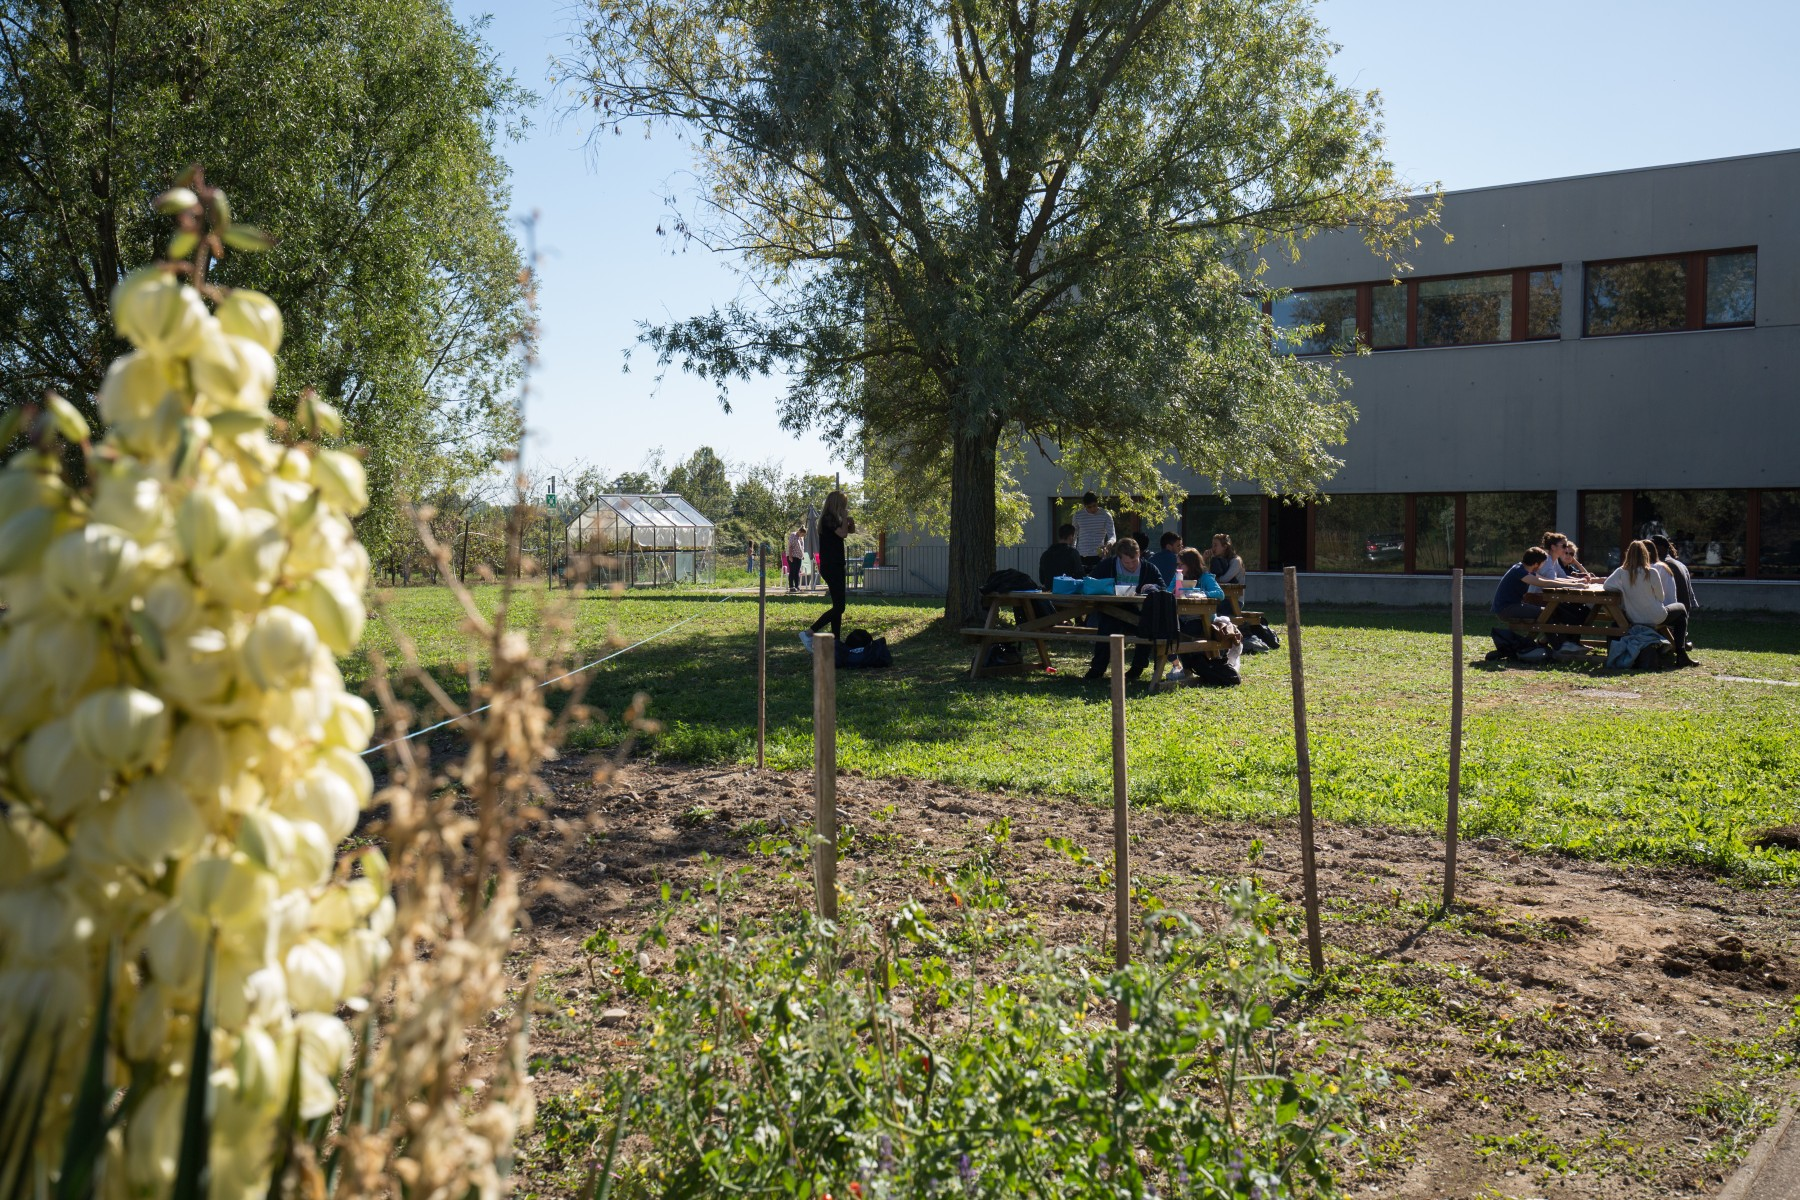 Le Master Franco-Allemand Viticulture et Œnologie: une formation d'avenir dans une filière ancestrale